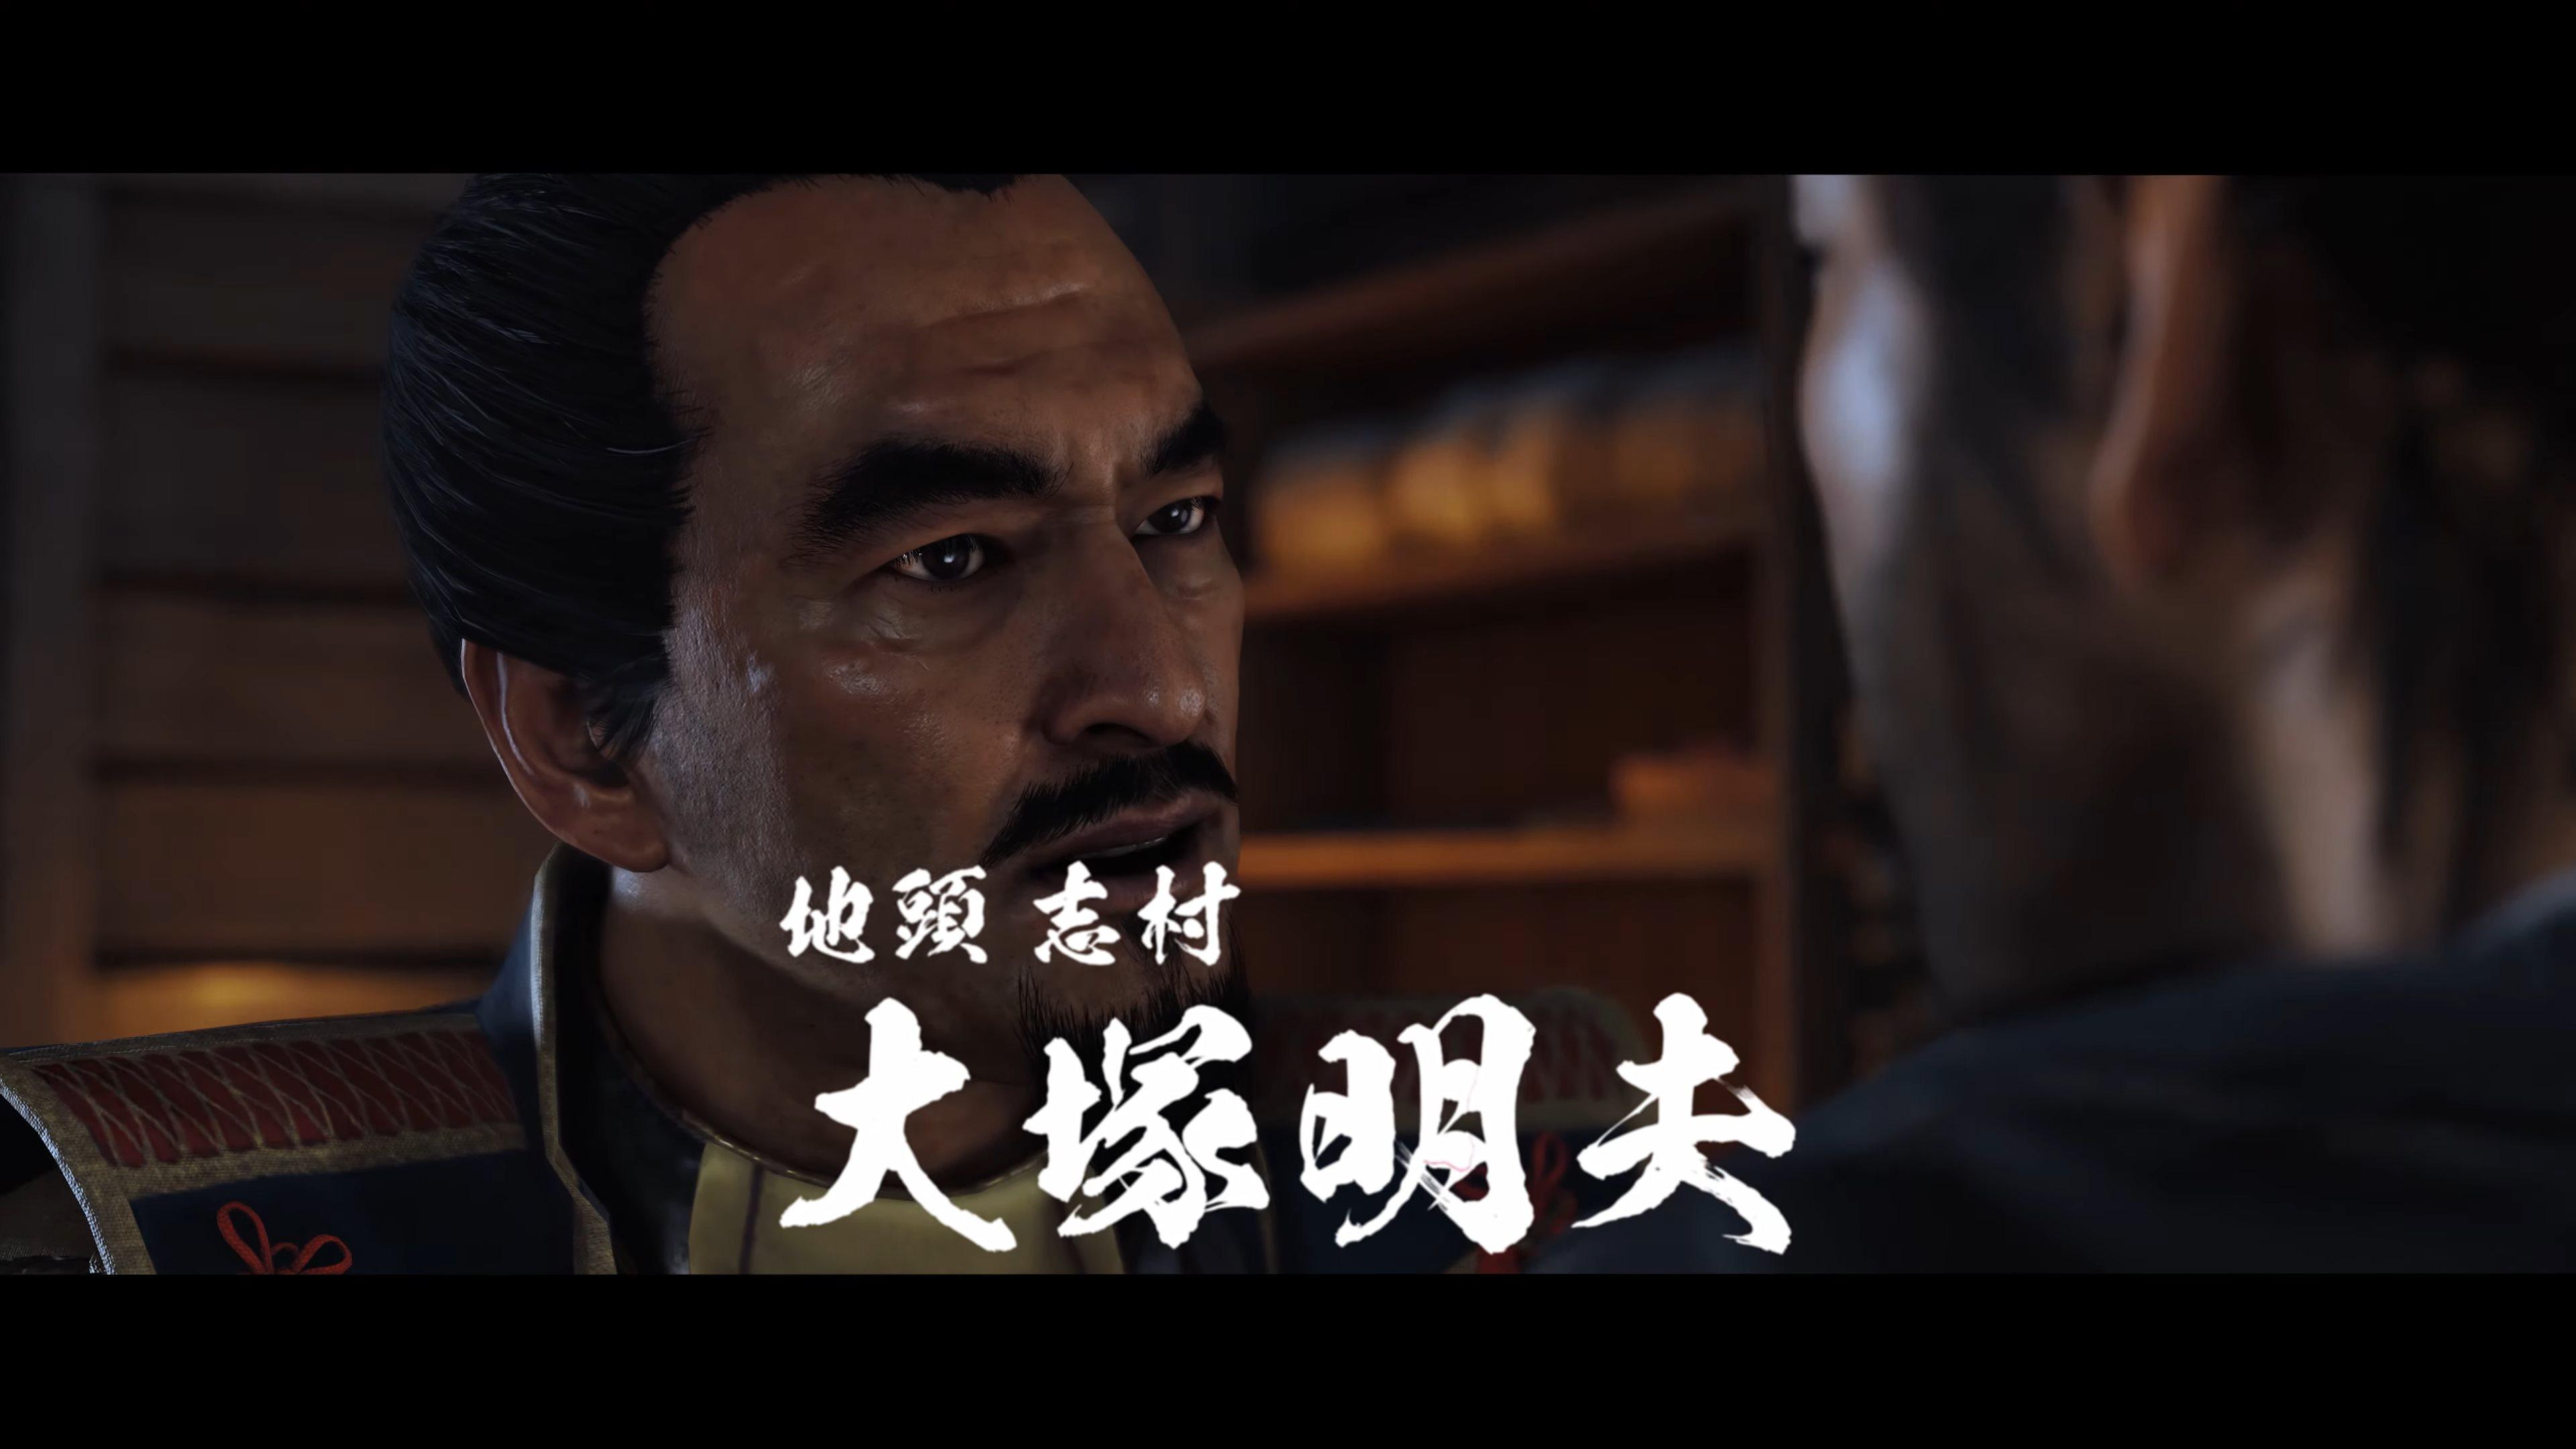 《对马岛之鬼》时代剧风格宣传片 展现壮美游戏世界